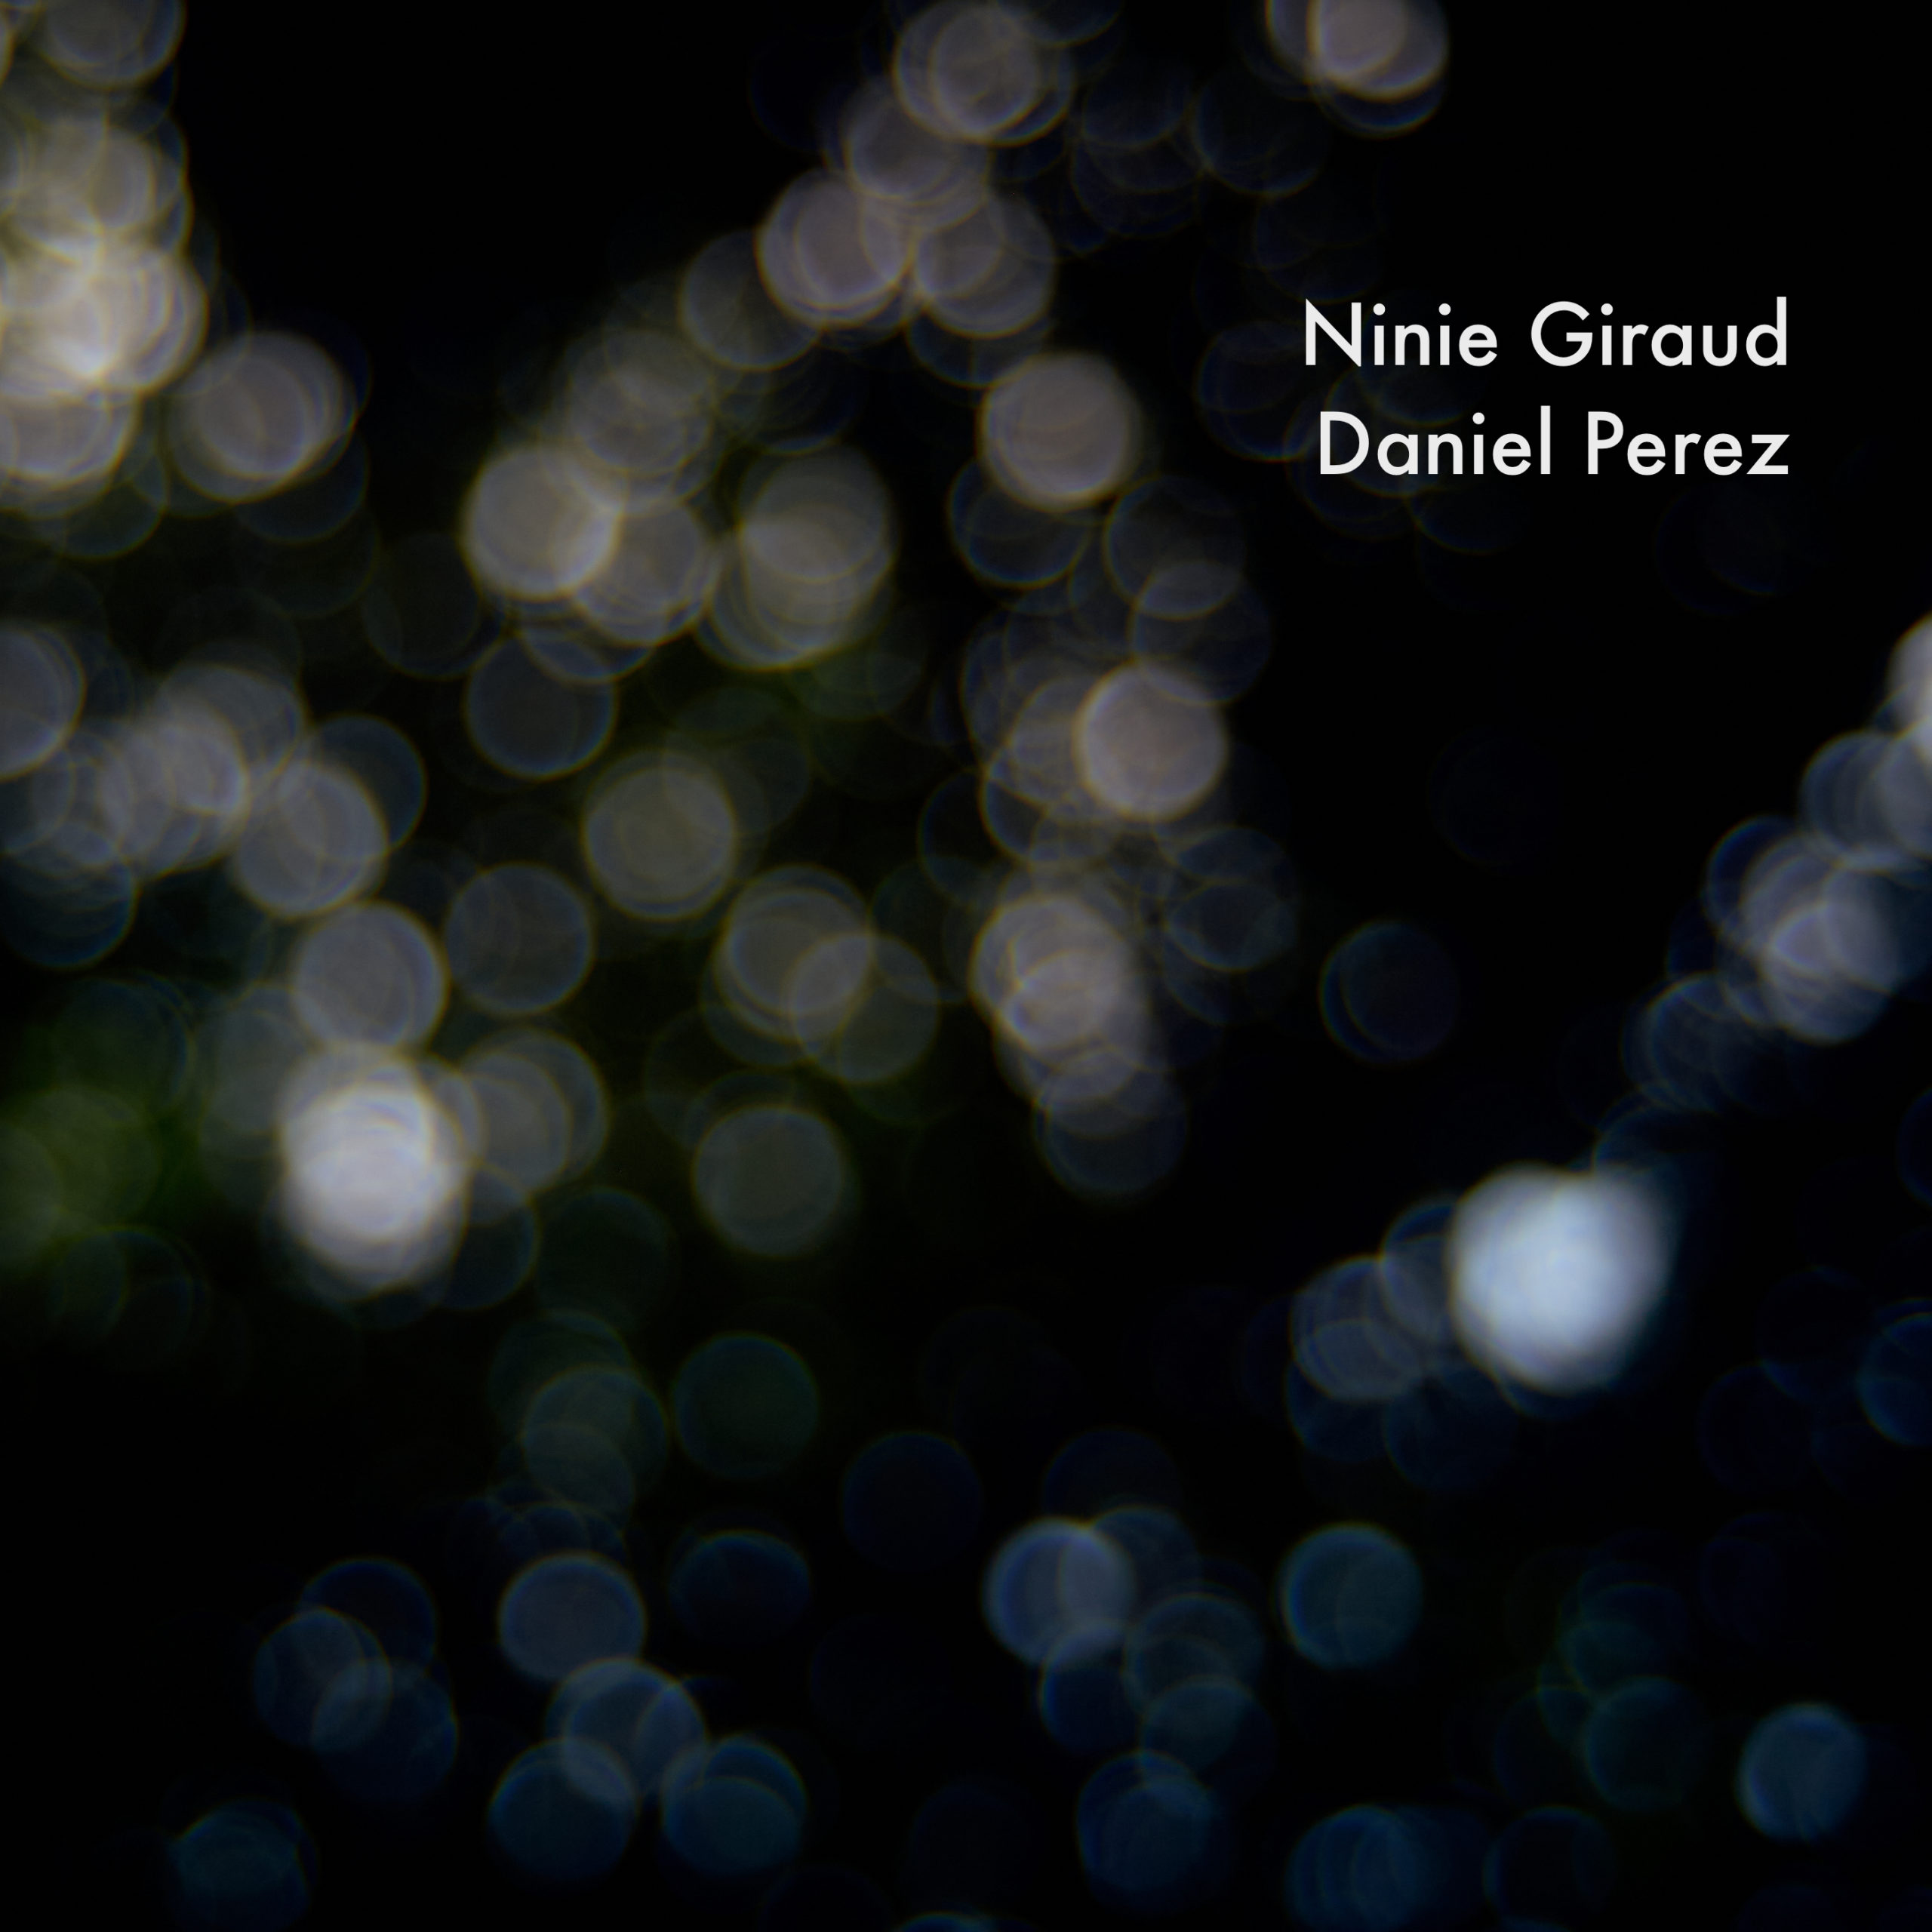 Ninie Giraud - Daniel Perez